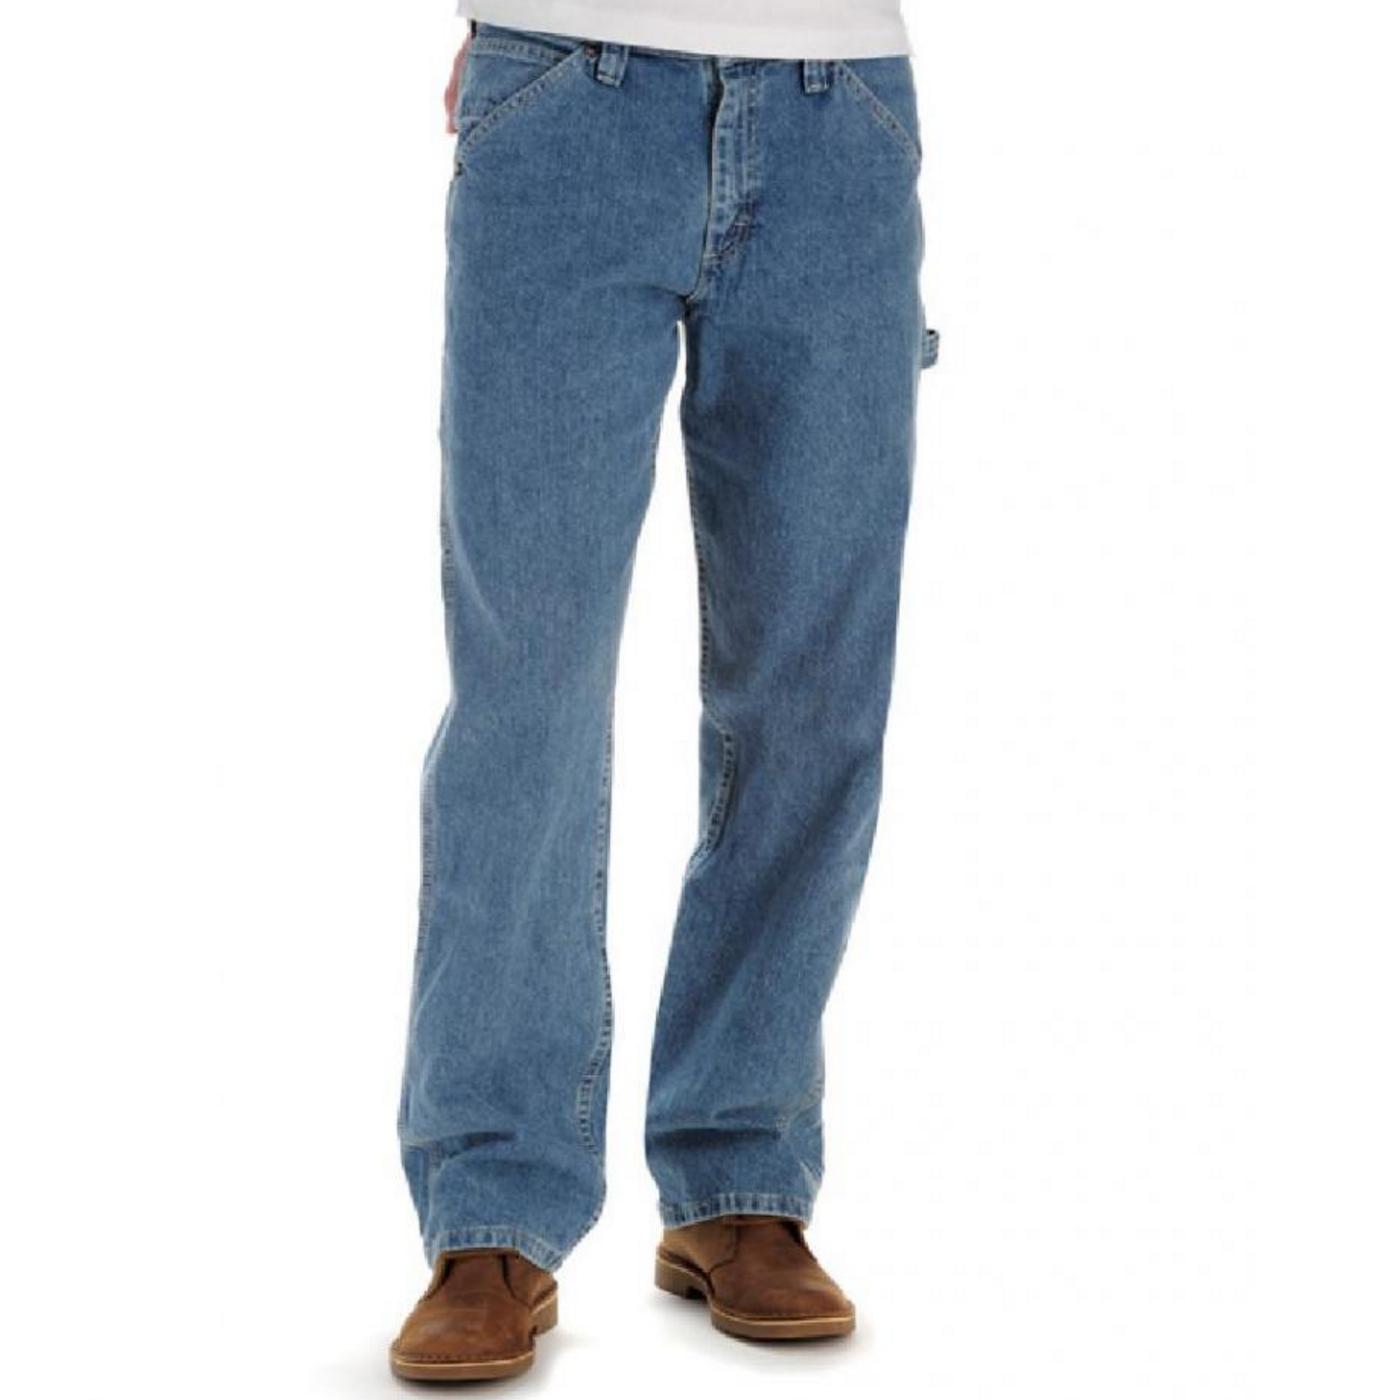 LEE李牛仔裤男秋季宽松休闲直筒中年复古中低腰长裤大码加肥加大